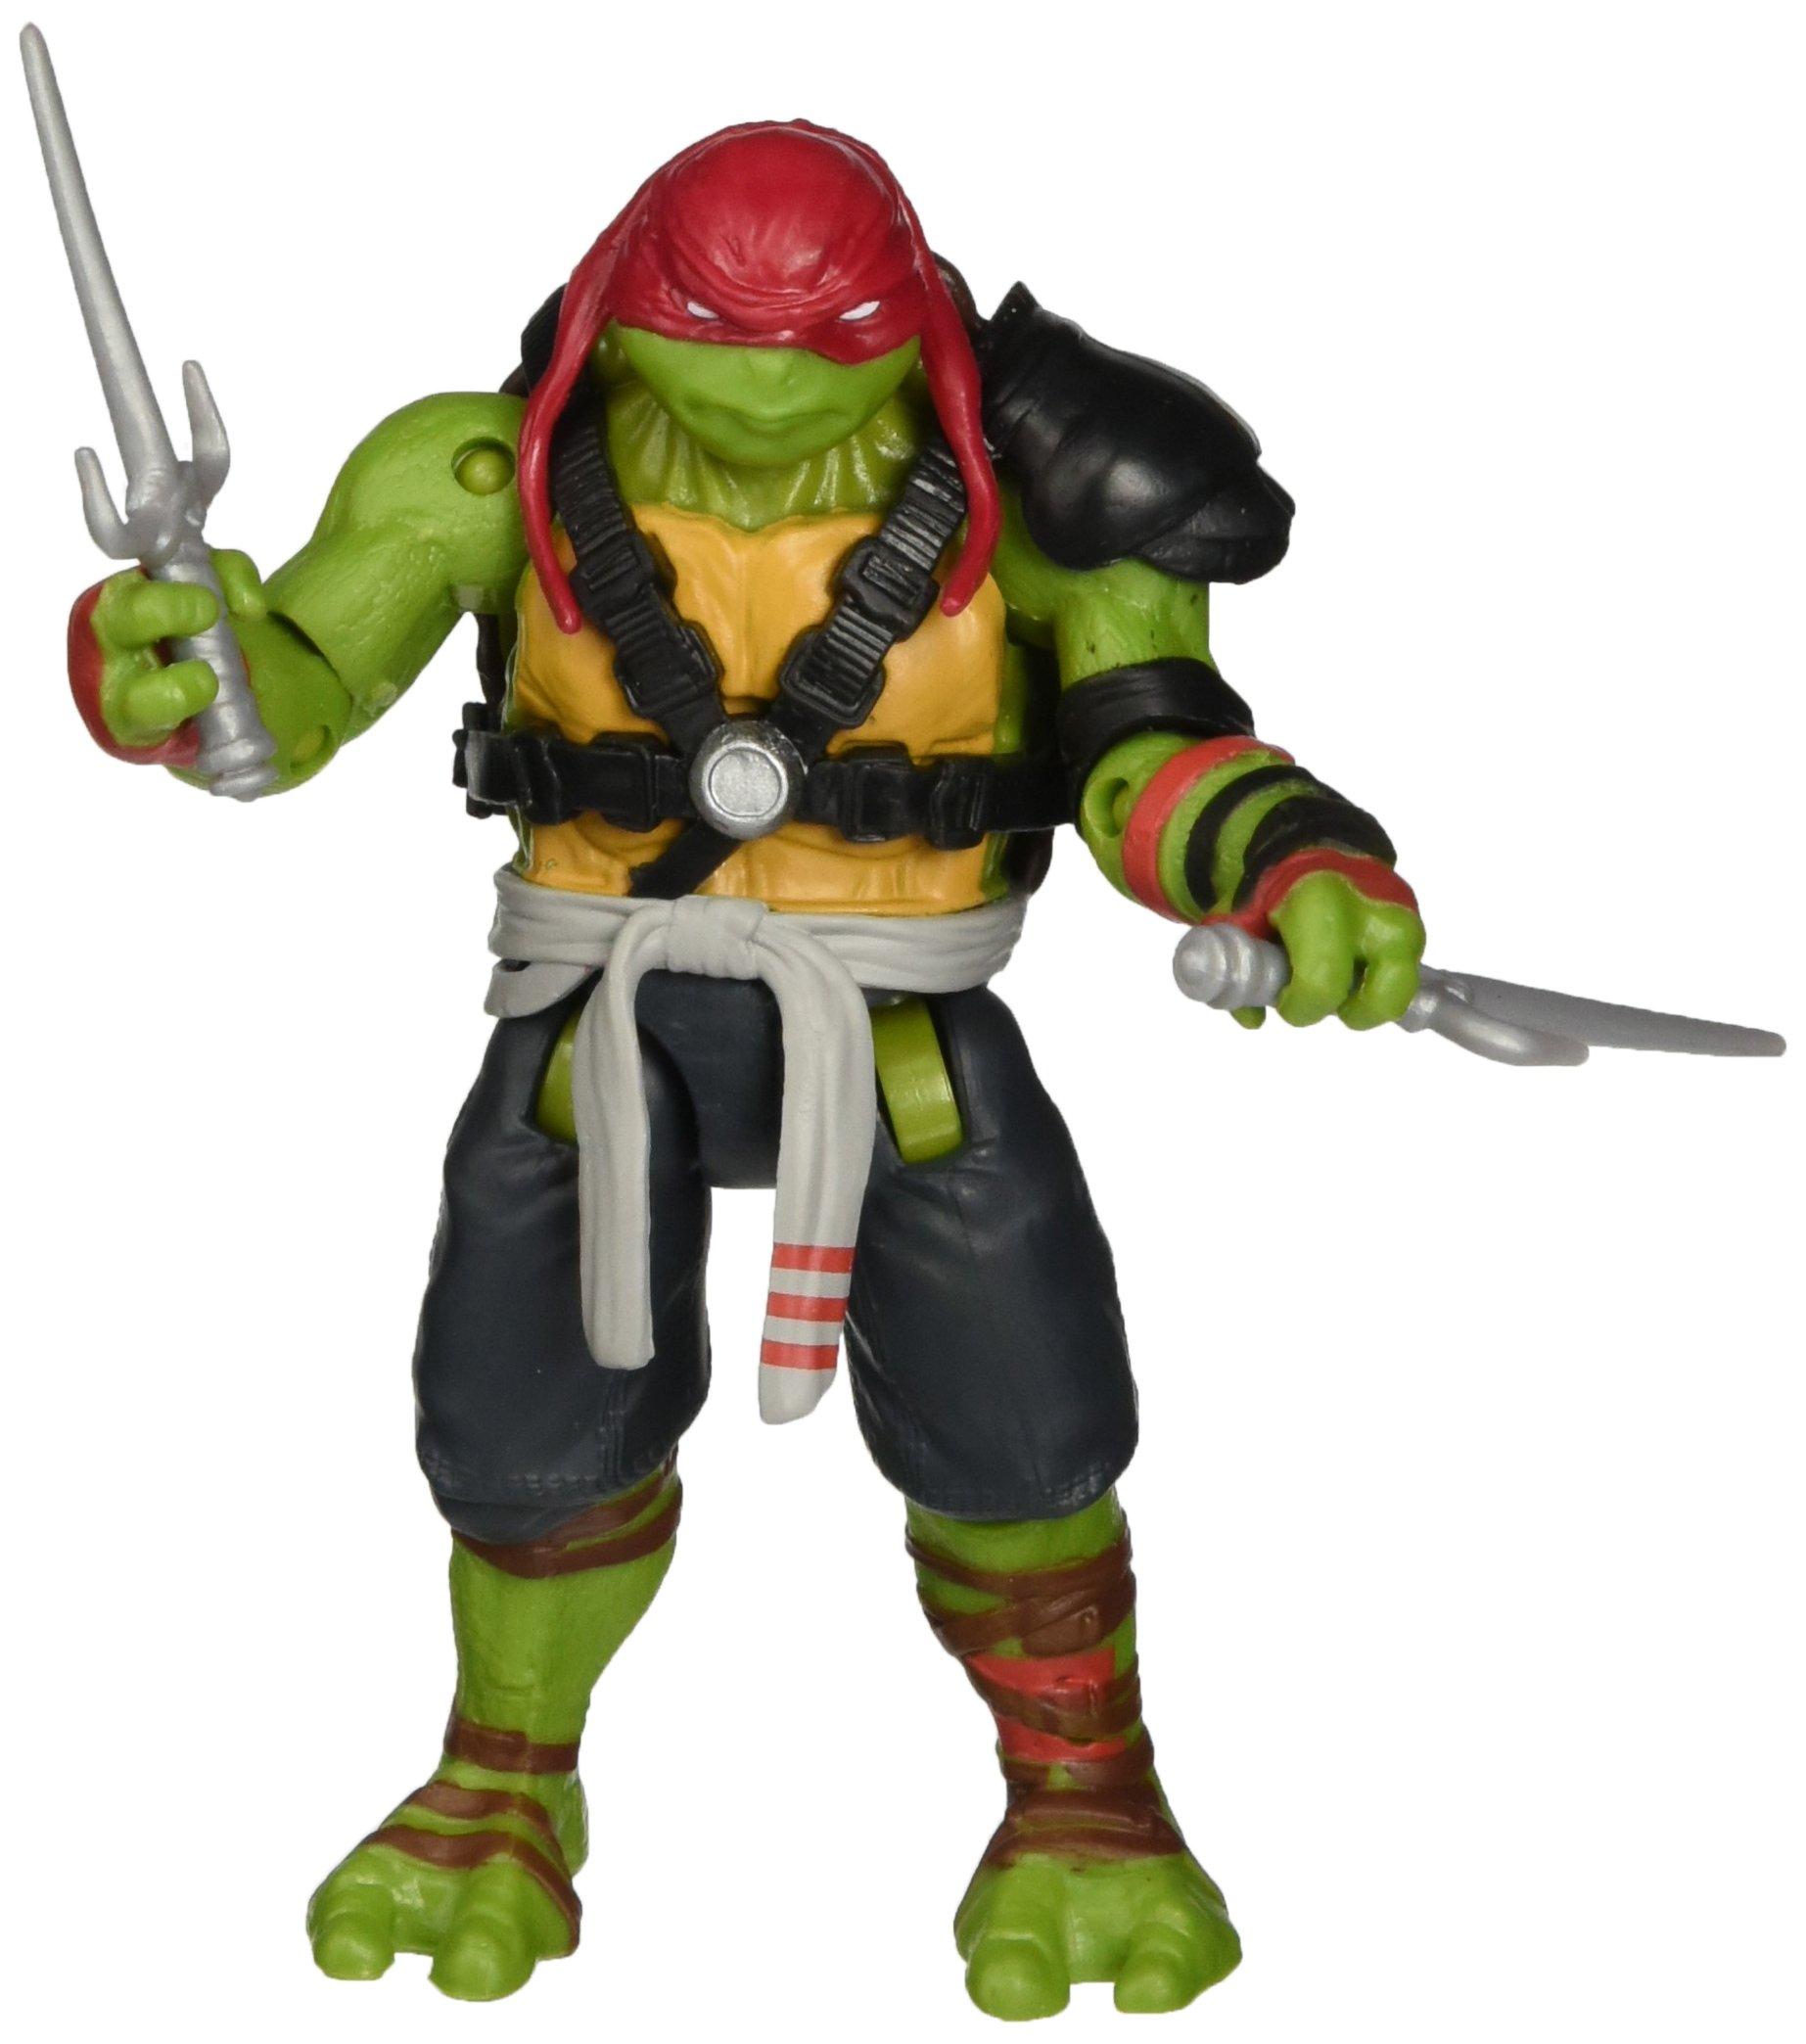 Teenage Mutant Ninja Turtles Movie 2 Out Of The Shadows Raphael Basic Figure 6